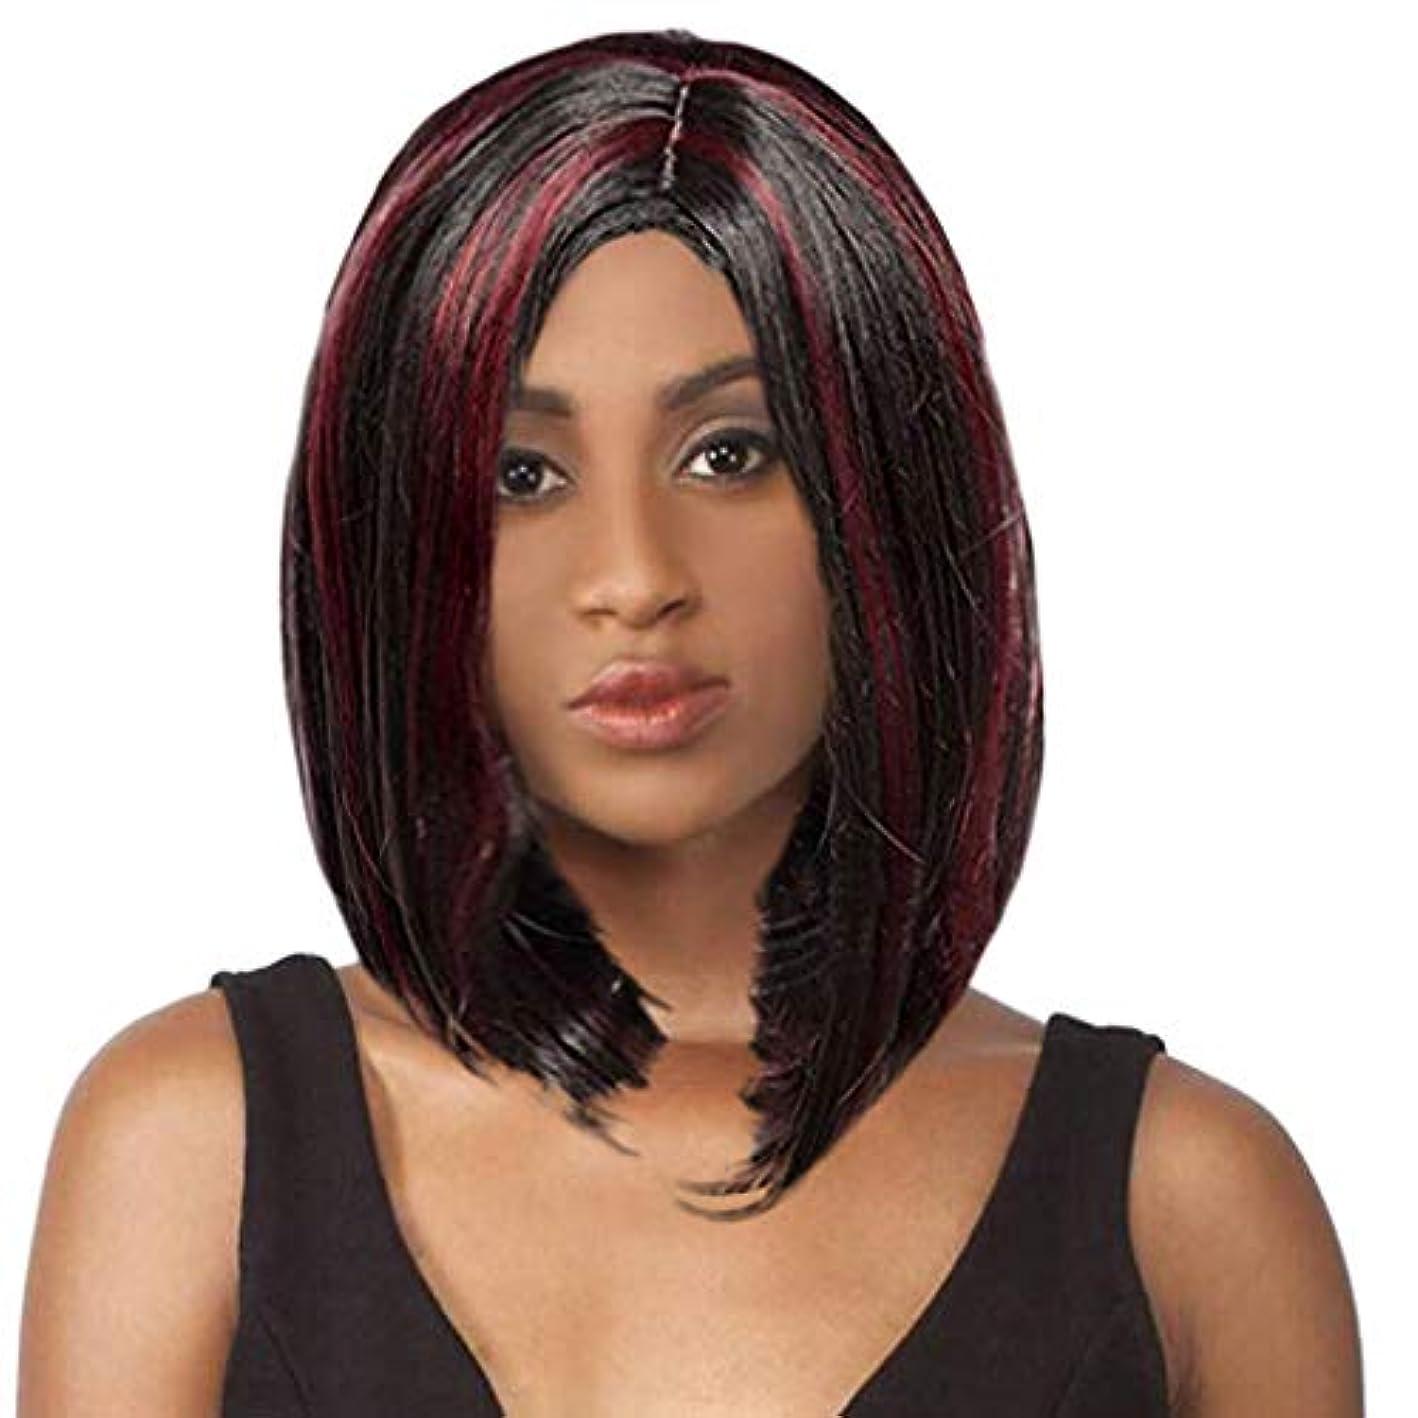 ラショナルバスケットボール変化女性の短いストレートヘアボブファッションかつら